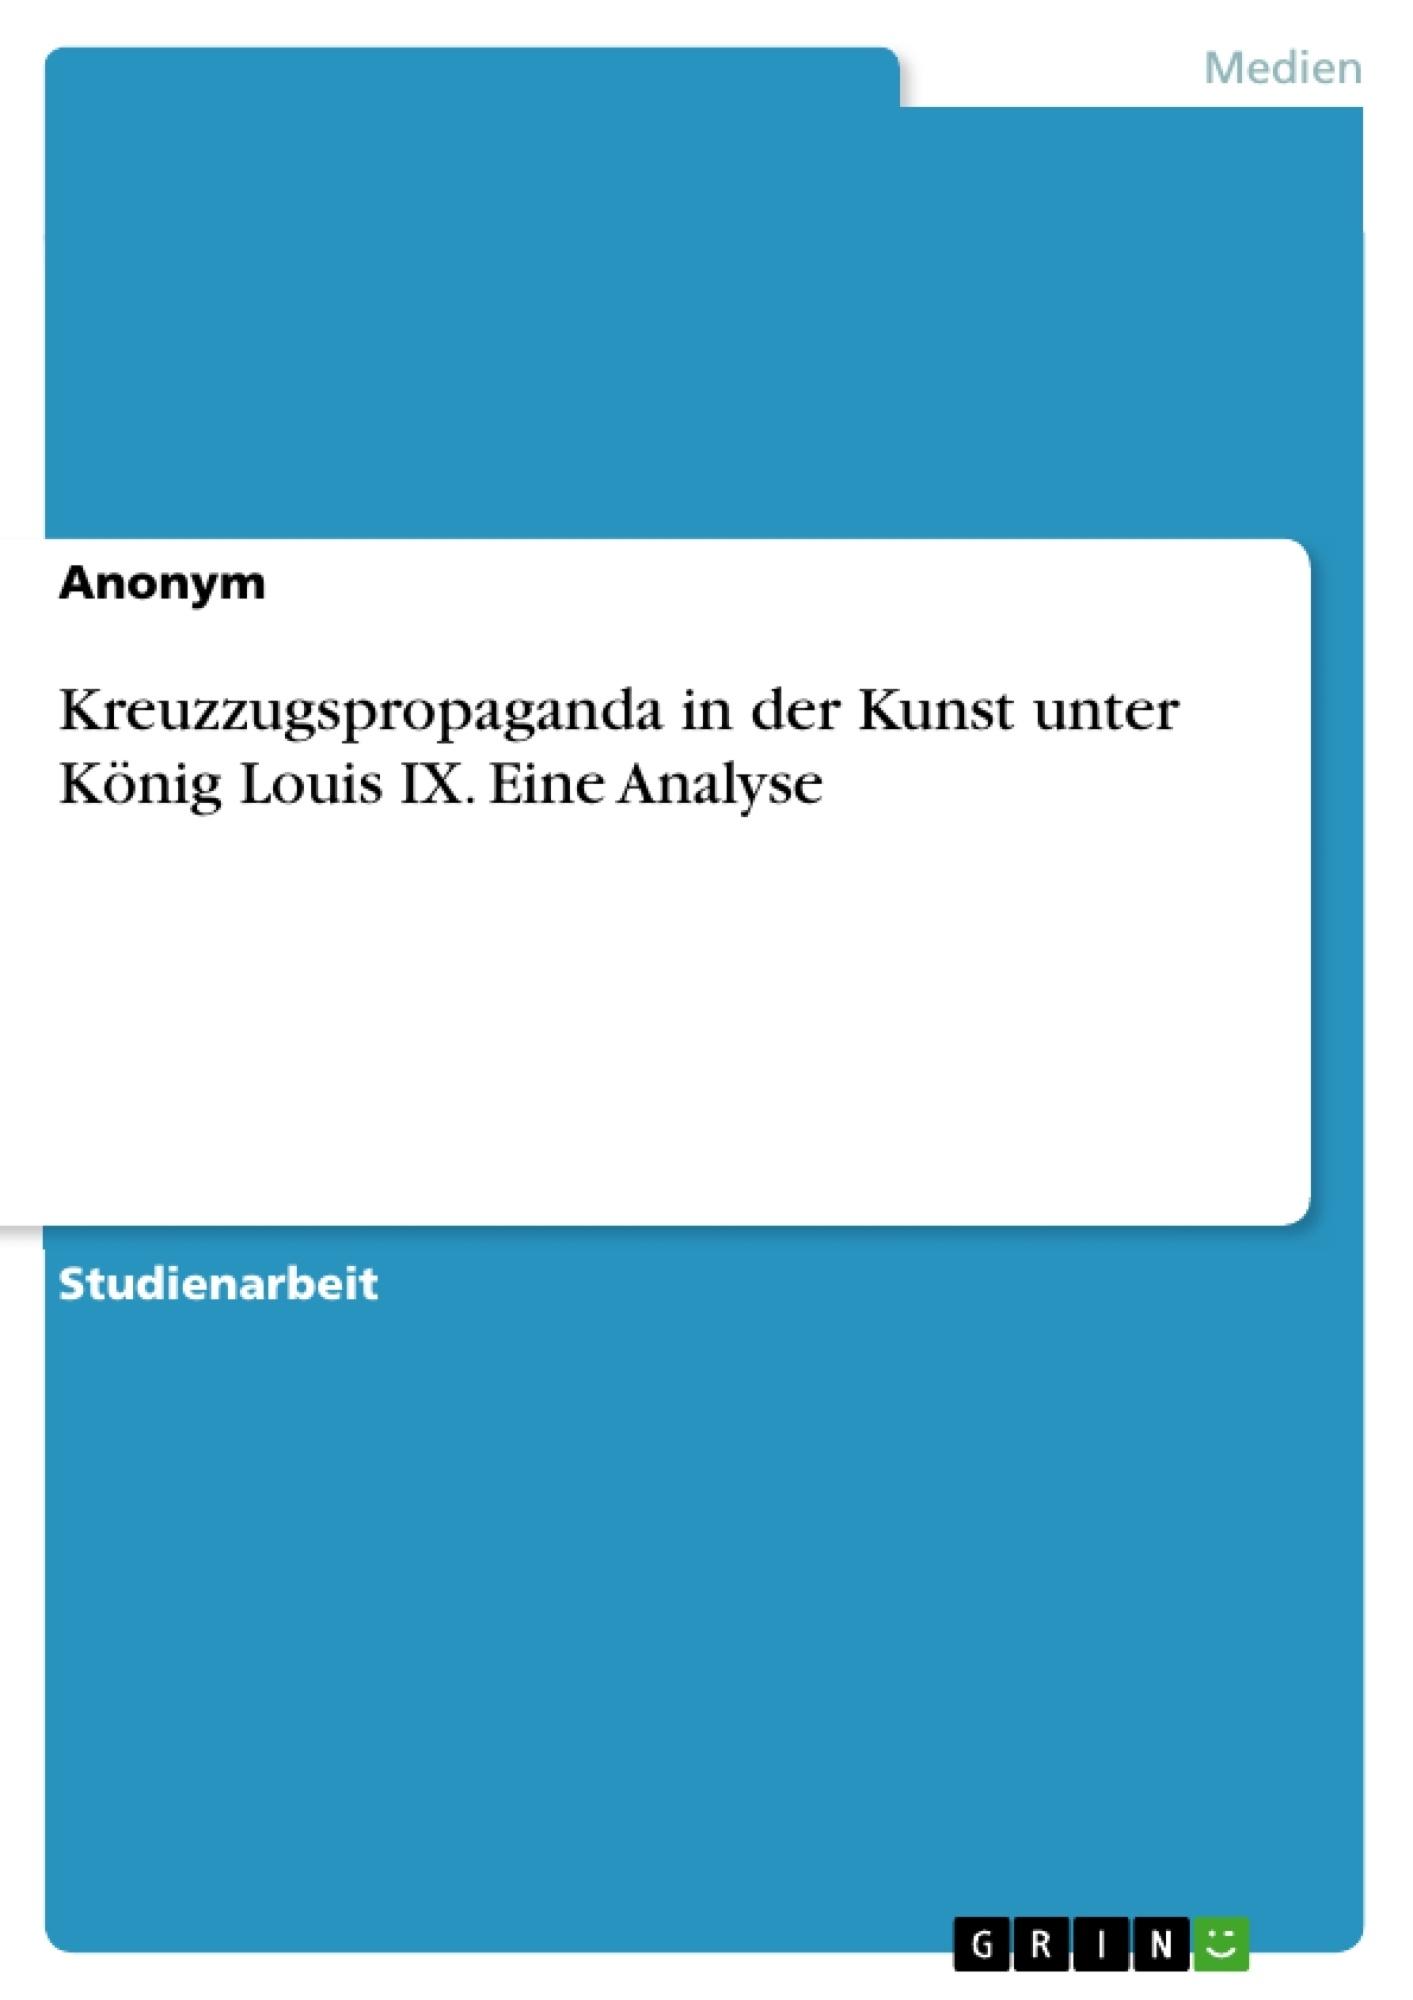 Titel: Kreuzzugspropaganda in der Kunst unter König Louis IX. Eine Analyse